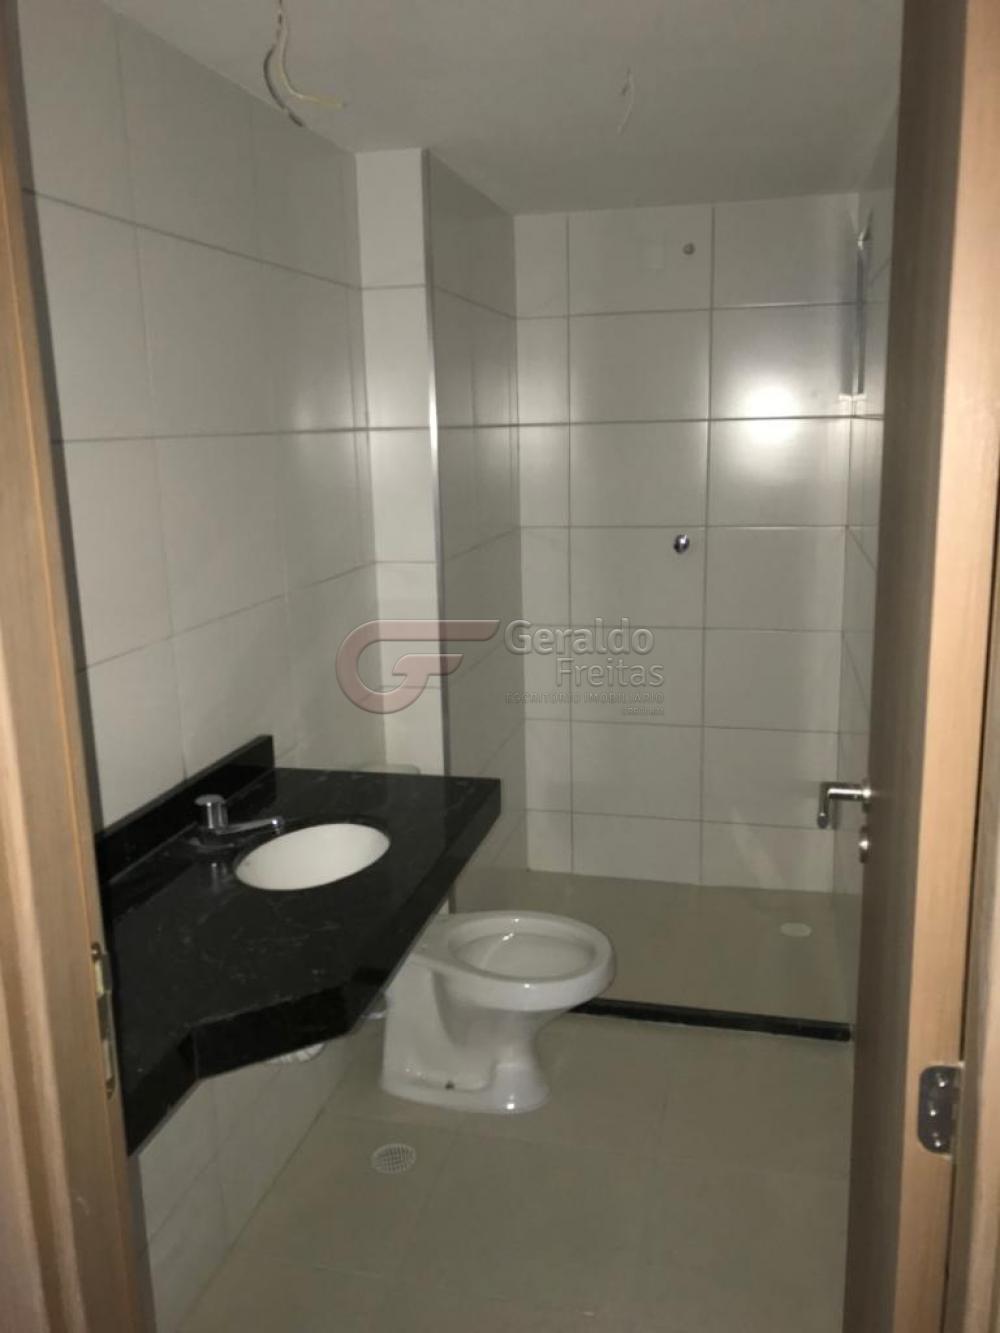 Comprar Apartamentos / 02 quartos em Maceió apenas R$ 370.000,00 - Foto 8